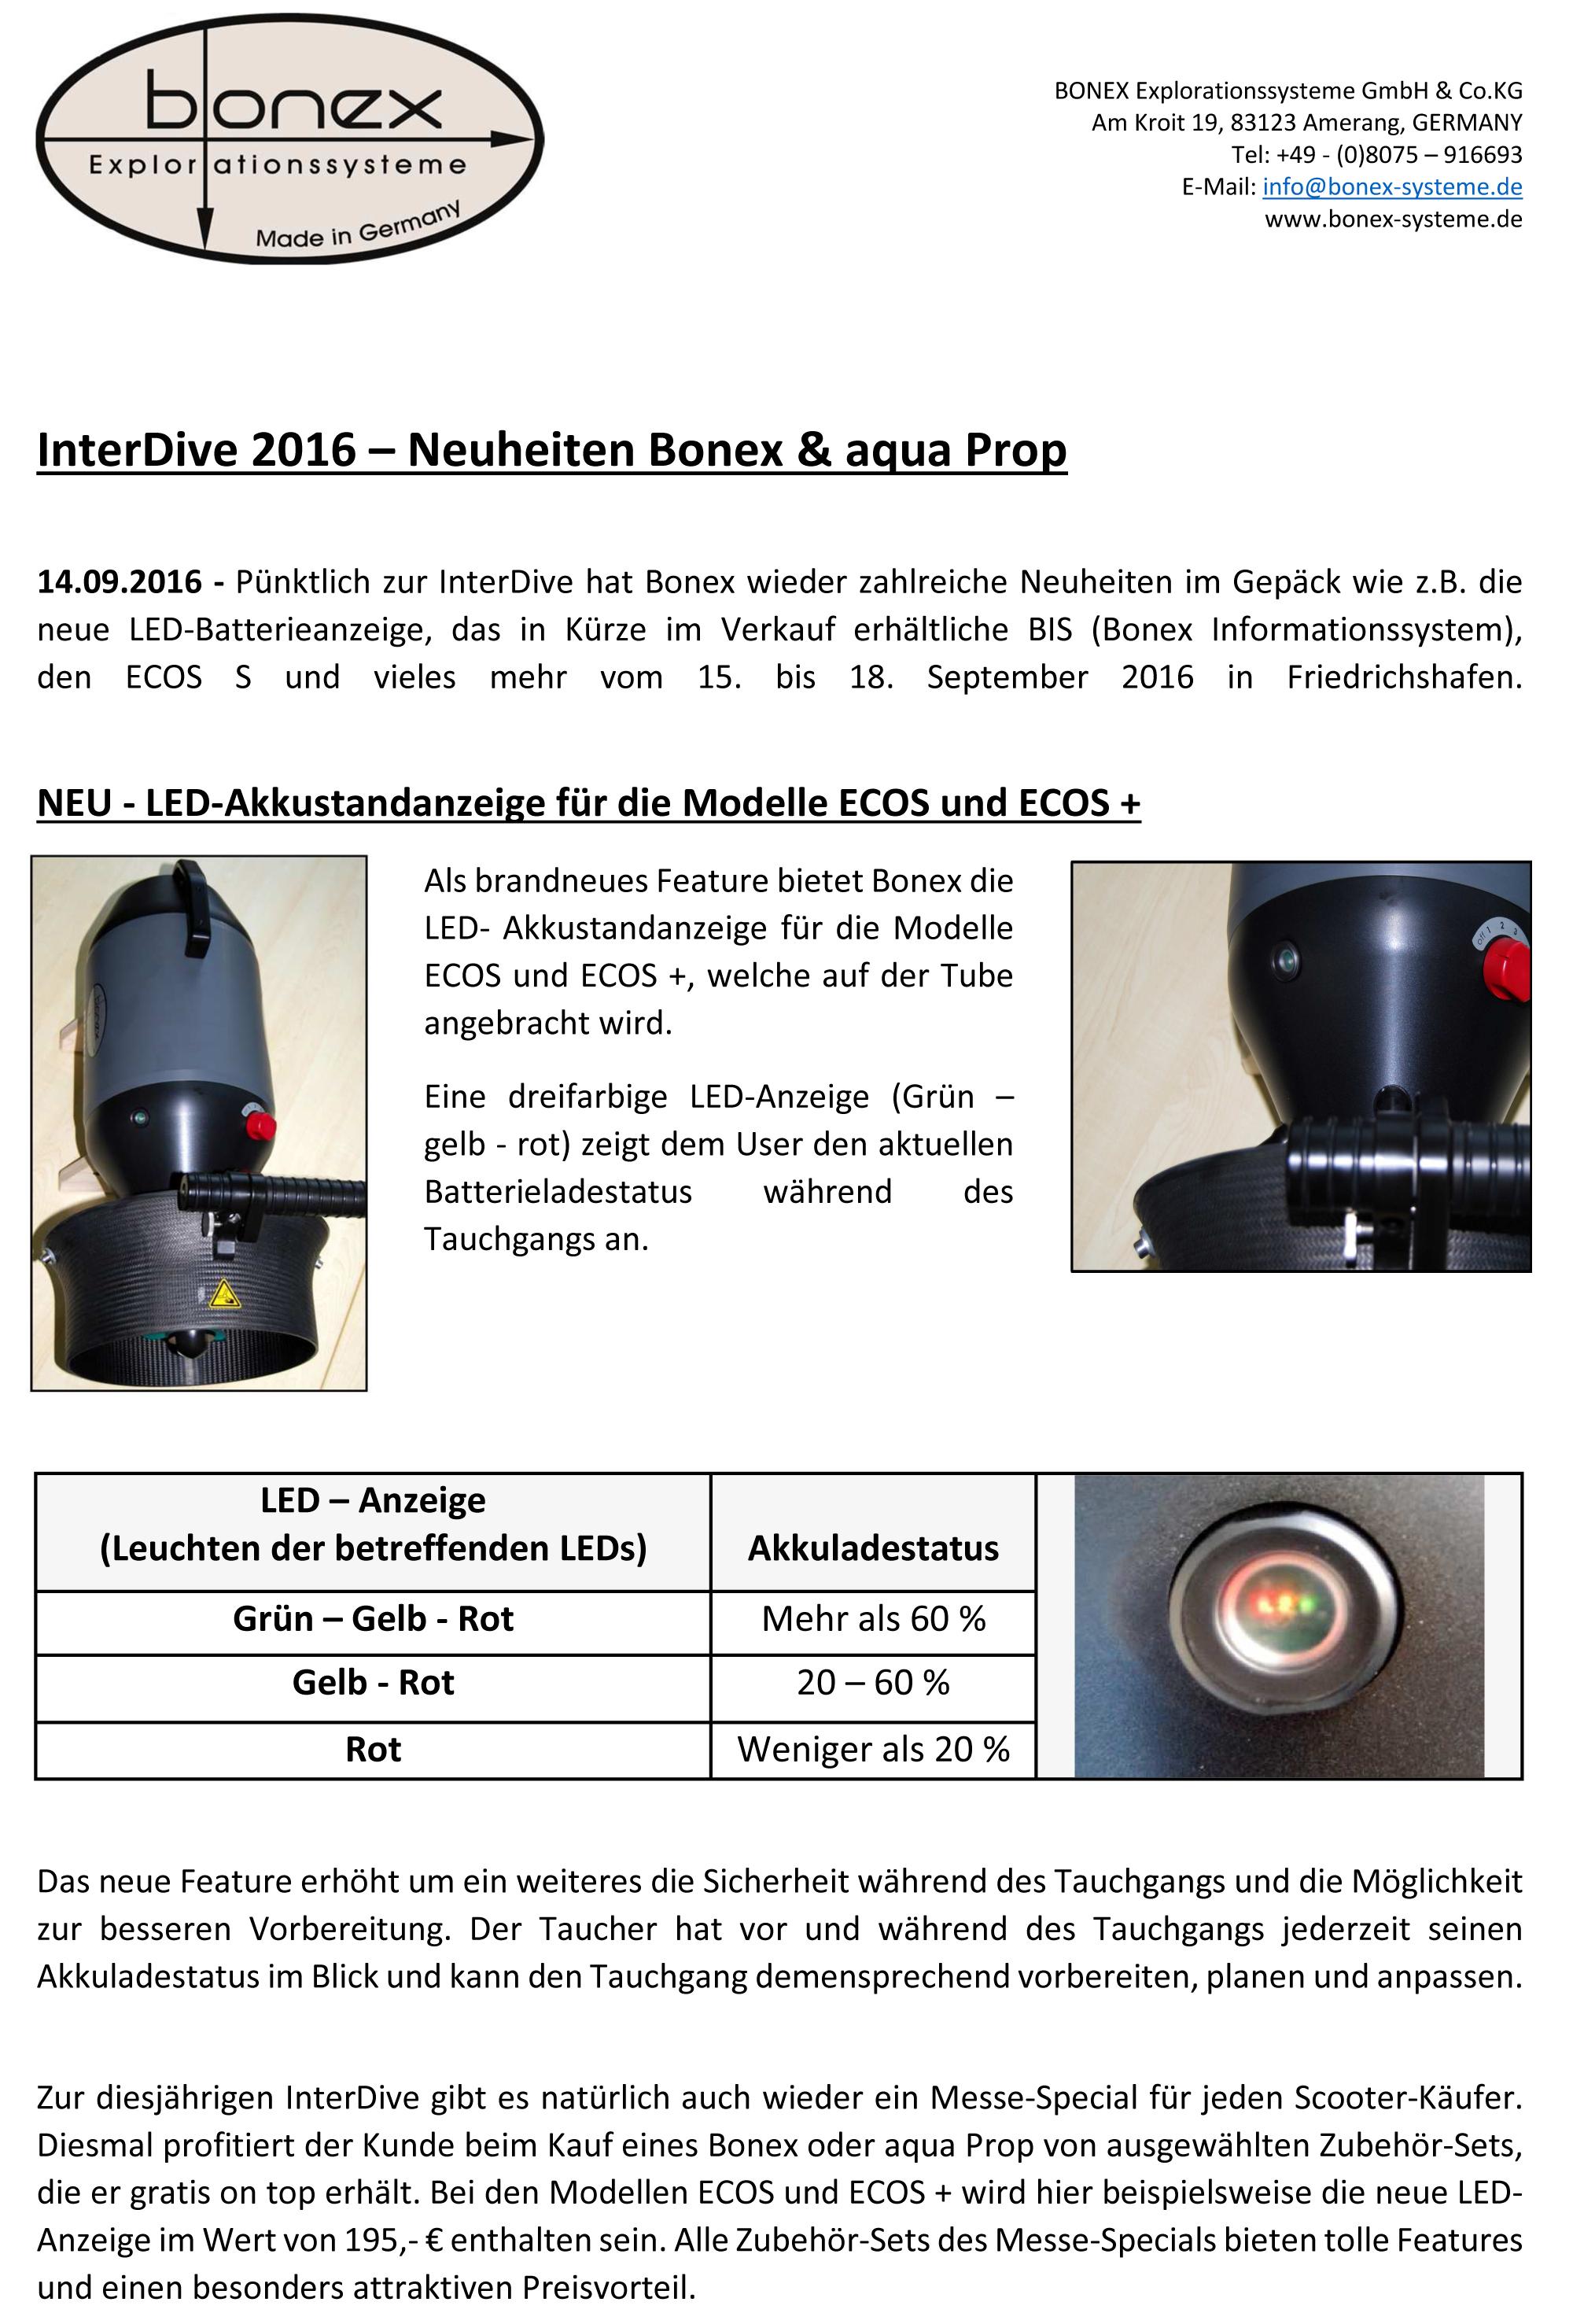 neuheiten-interdive-2016-de-1